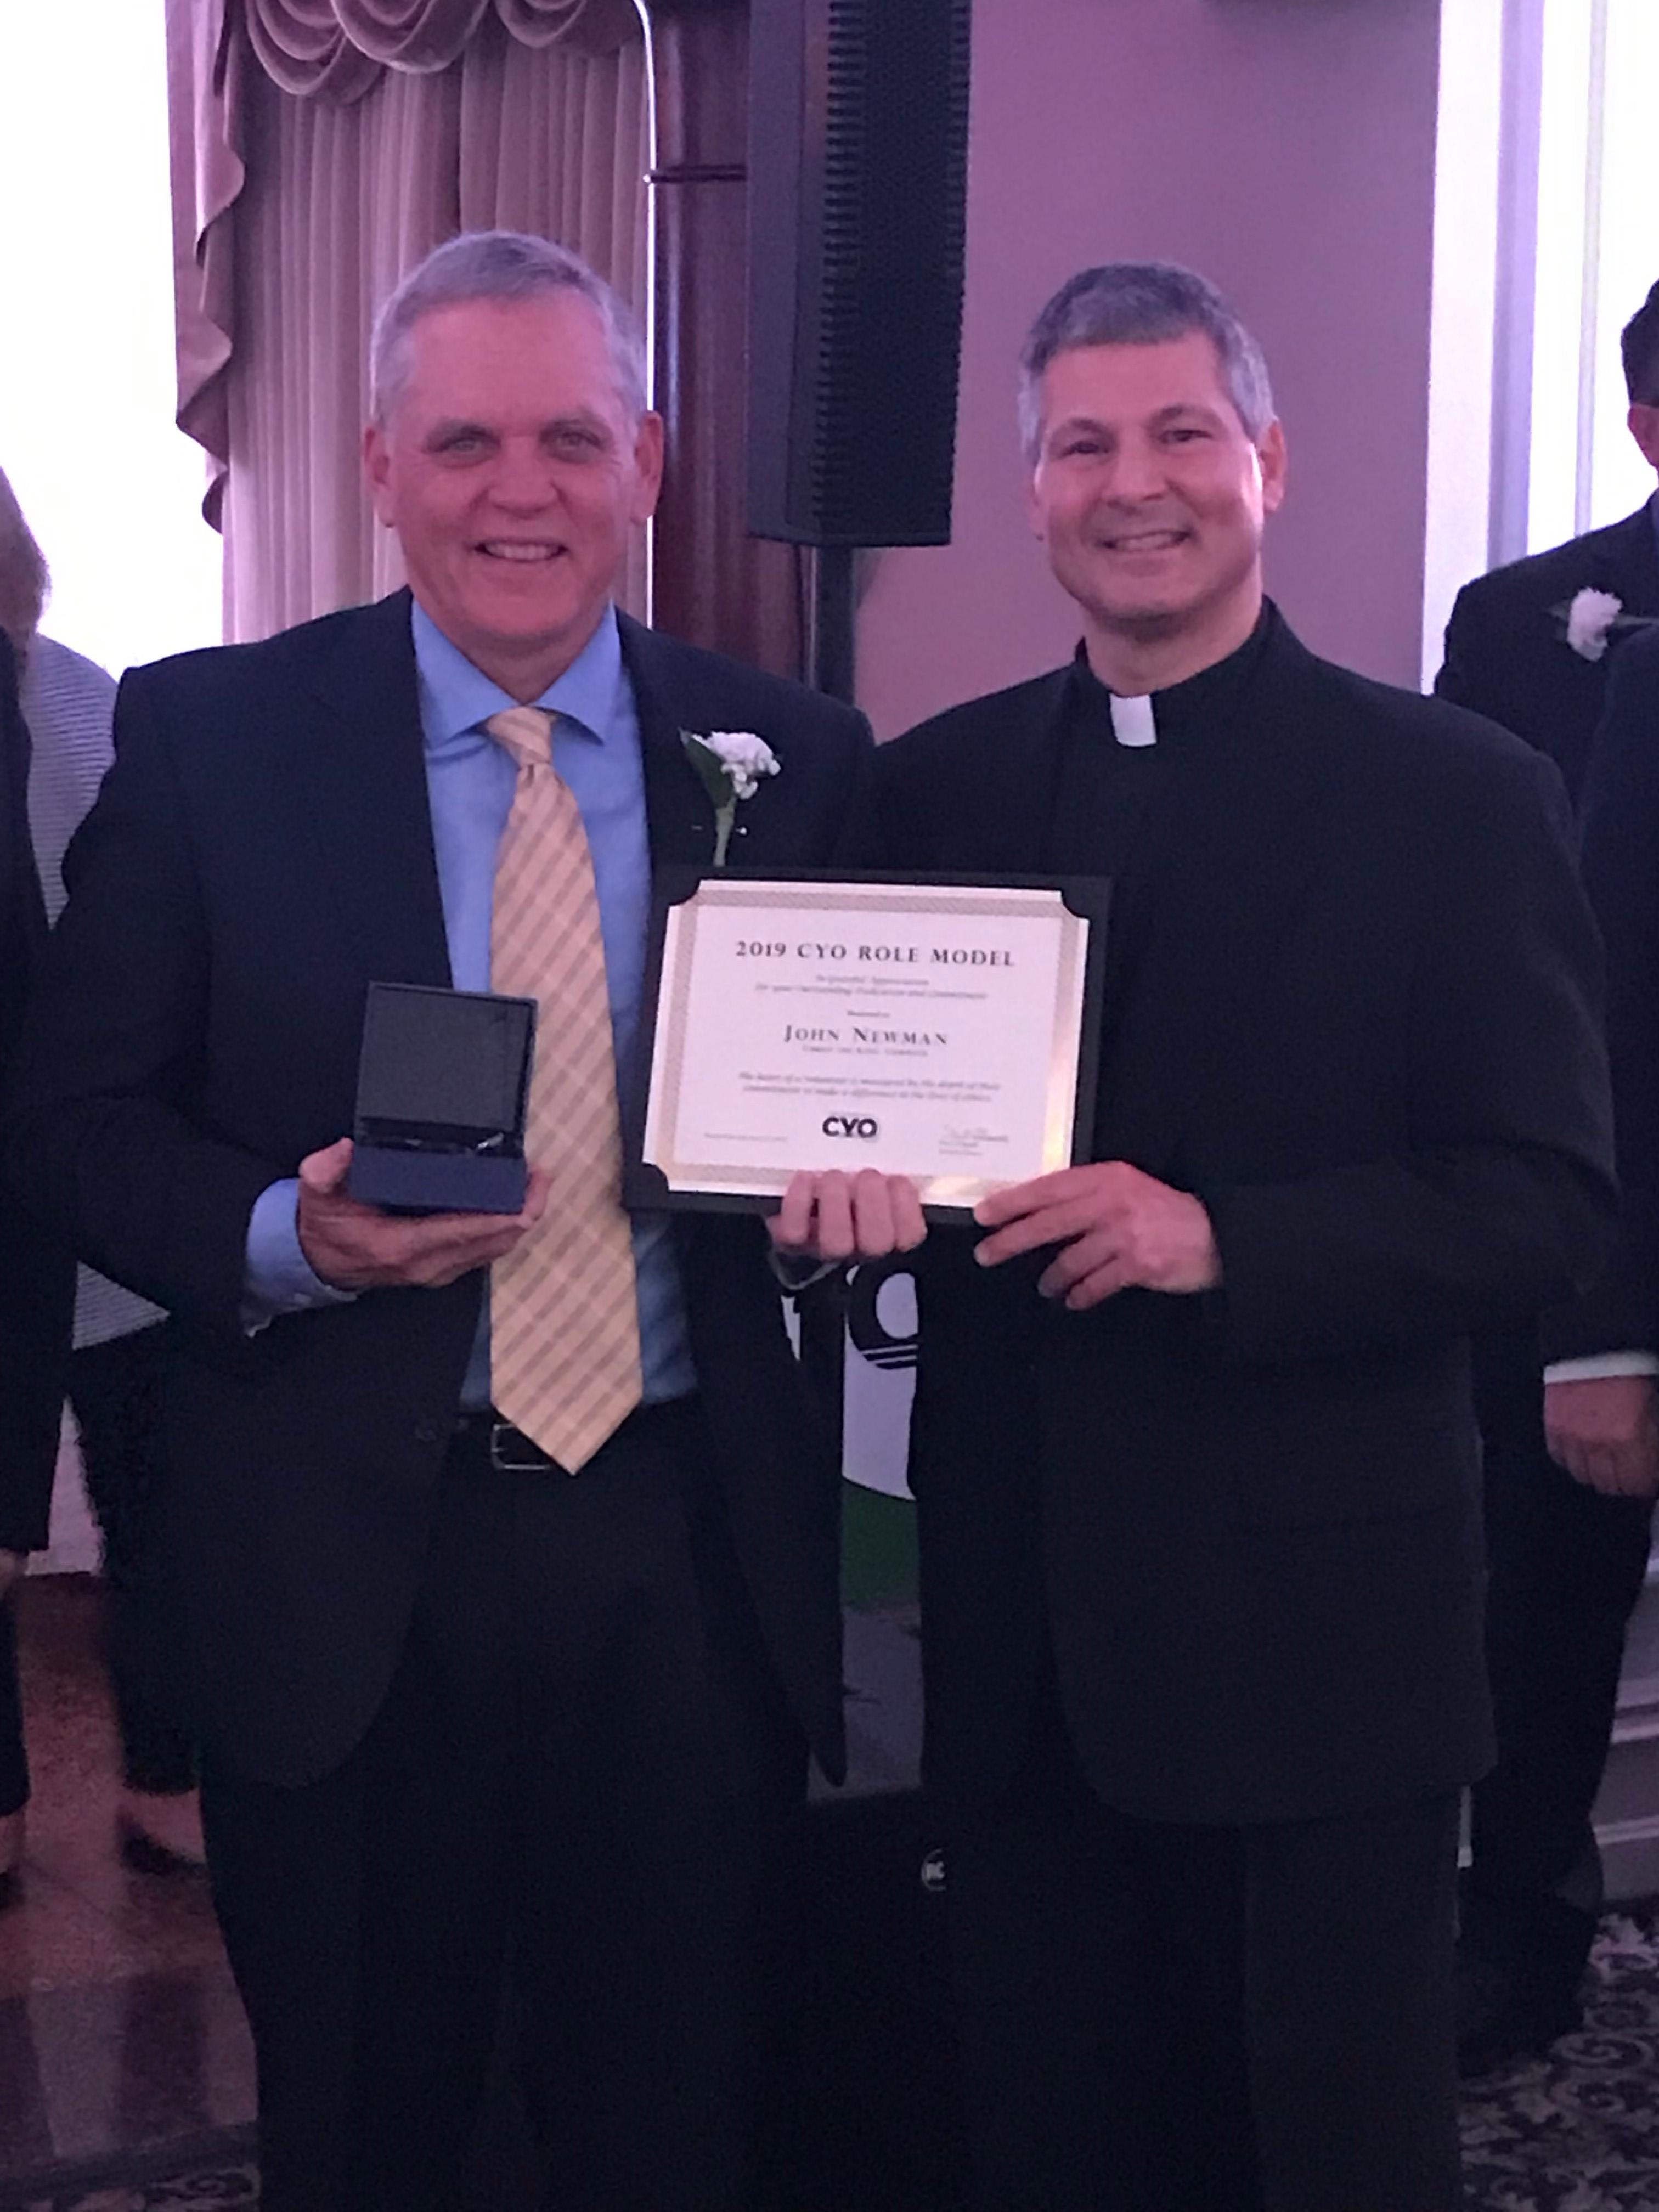 John Newman ~ CYO Award